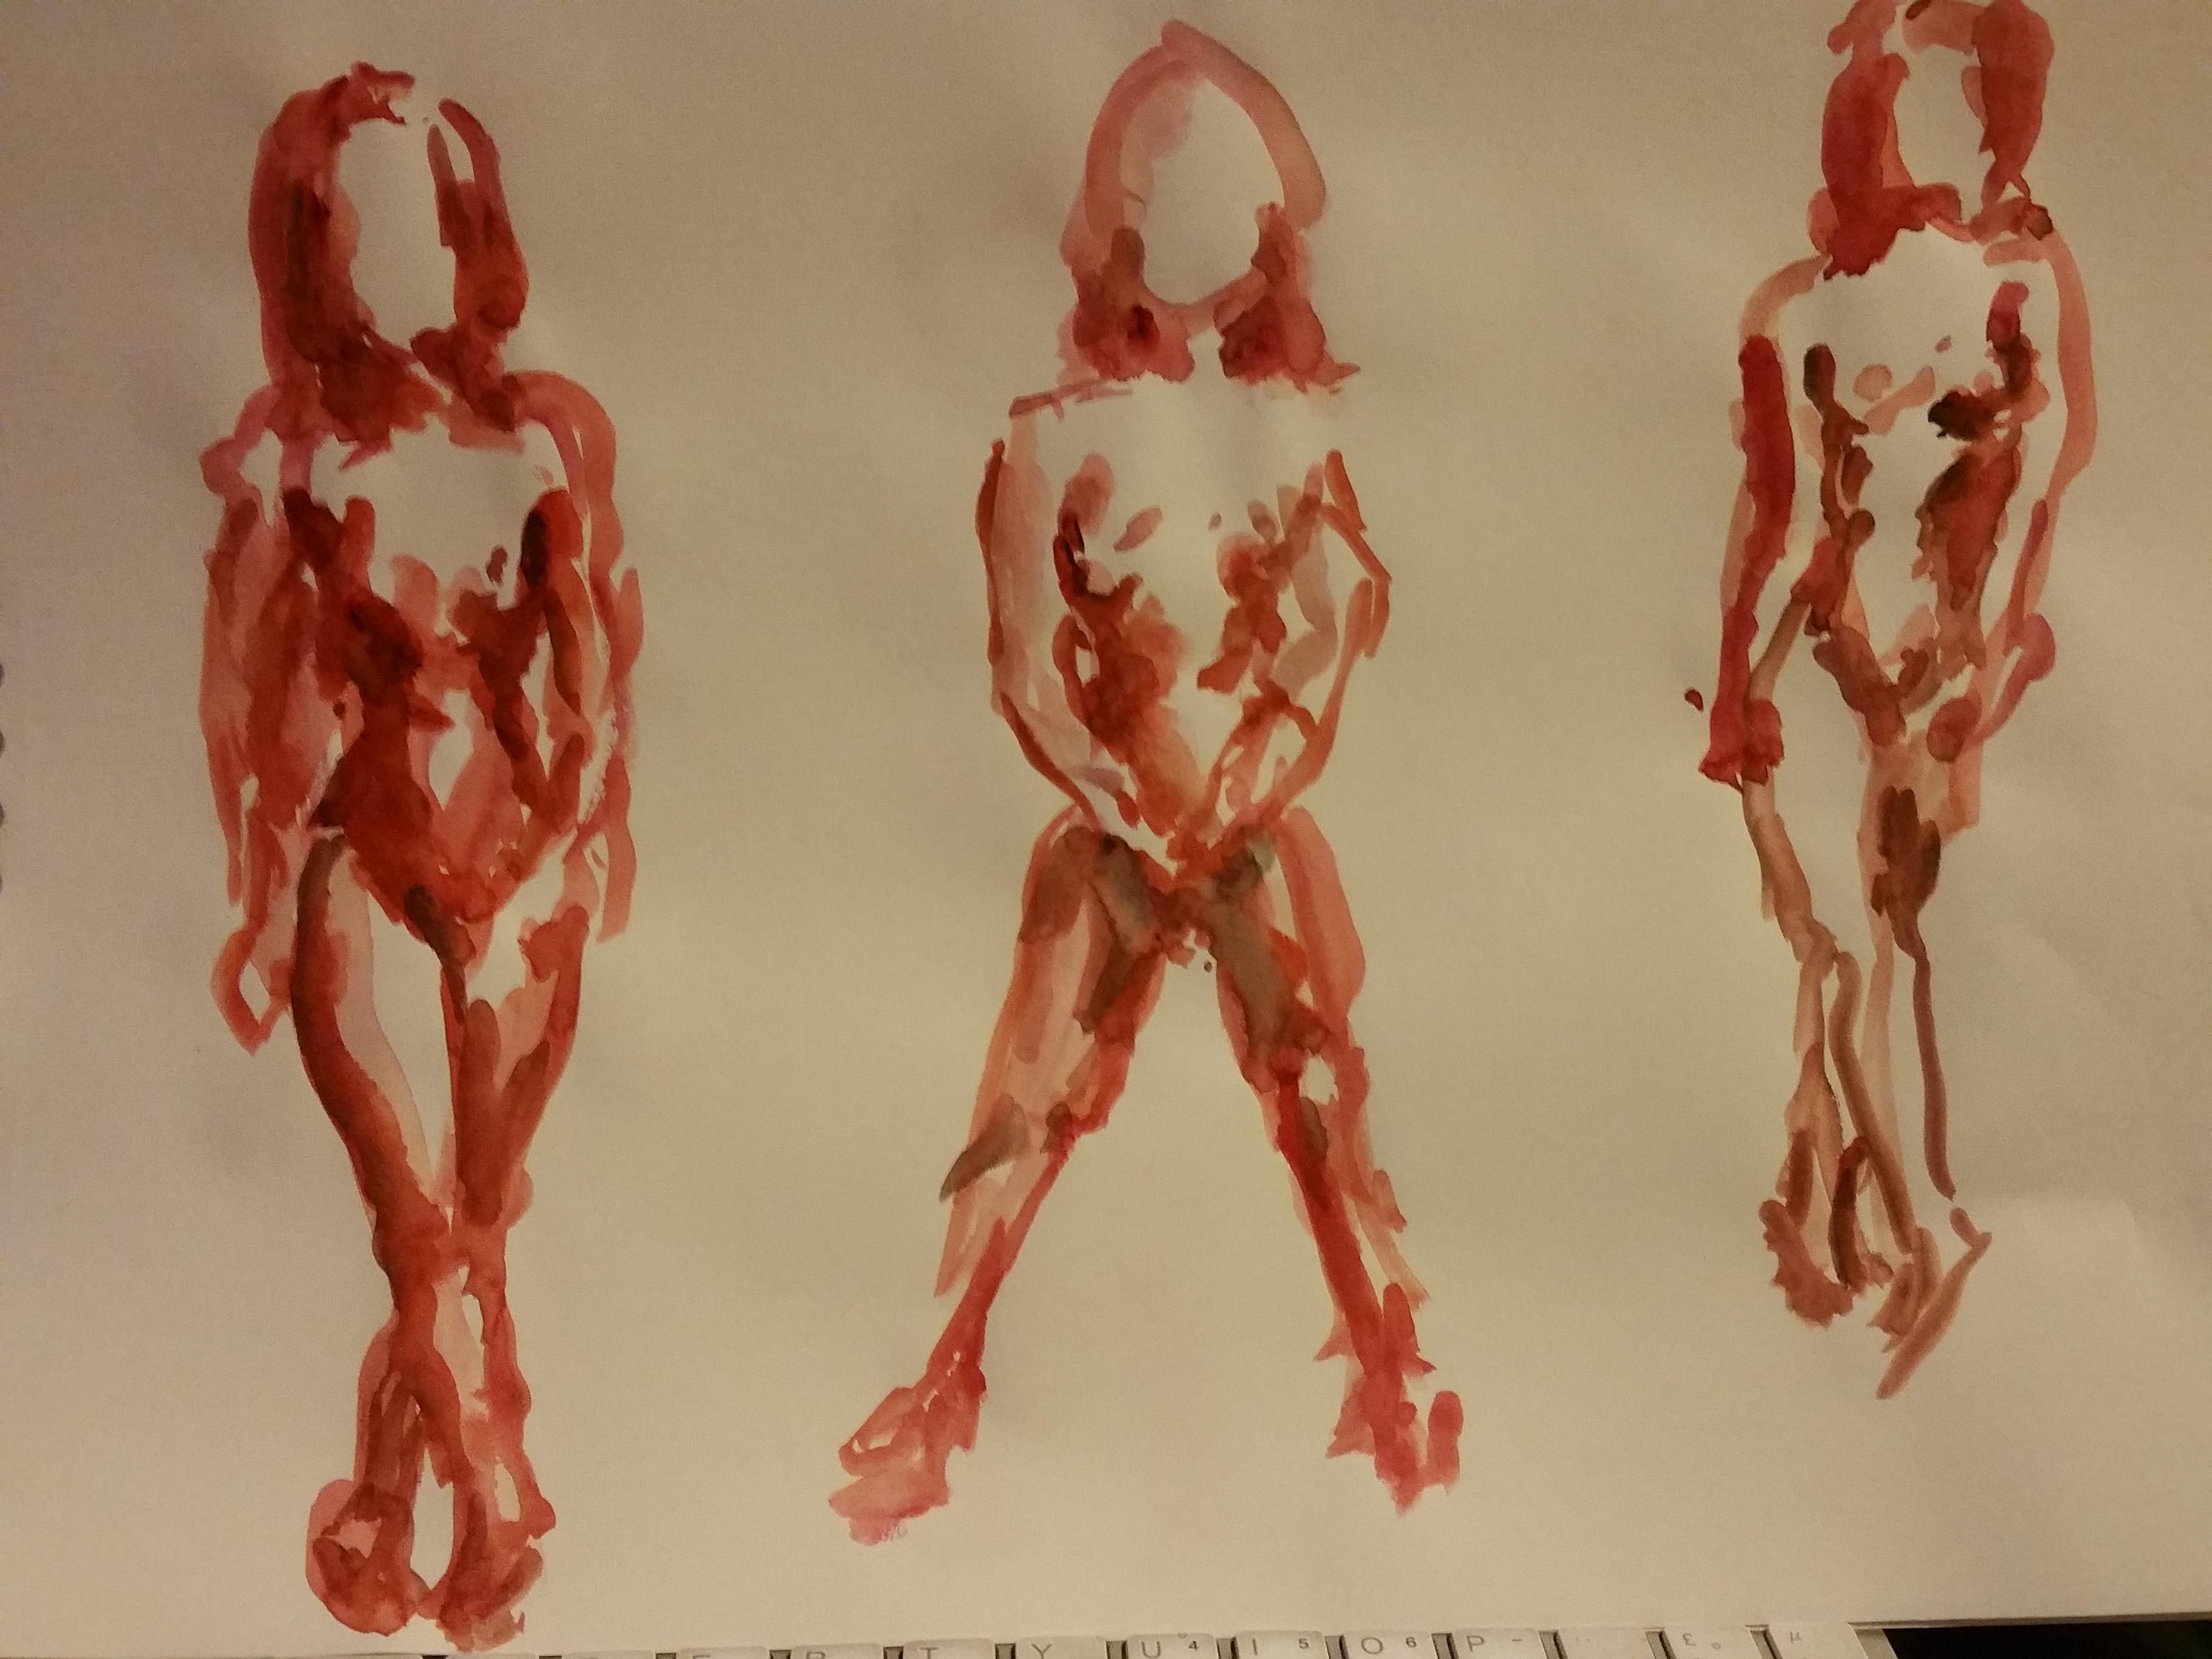 Esquisse rapide aquarelle �tude de mouvement corps f�minin  cours de dessin